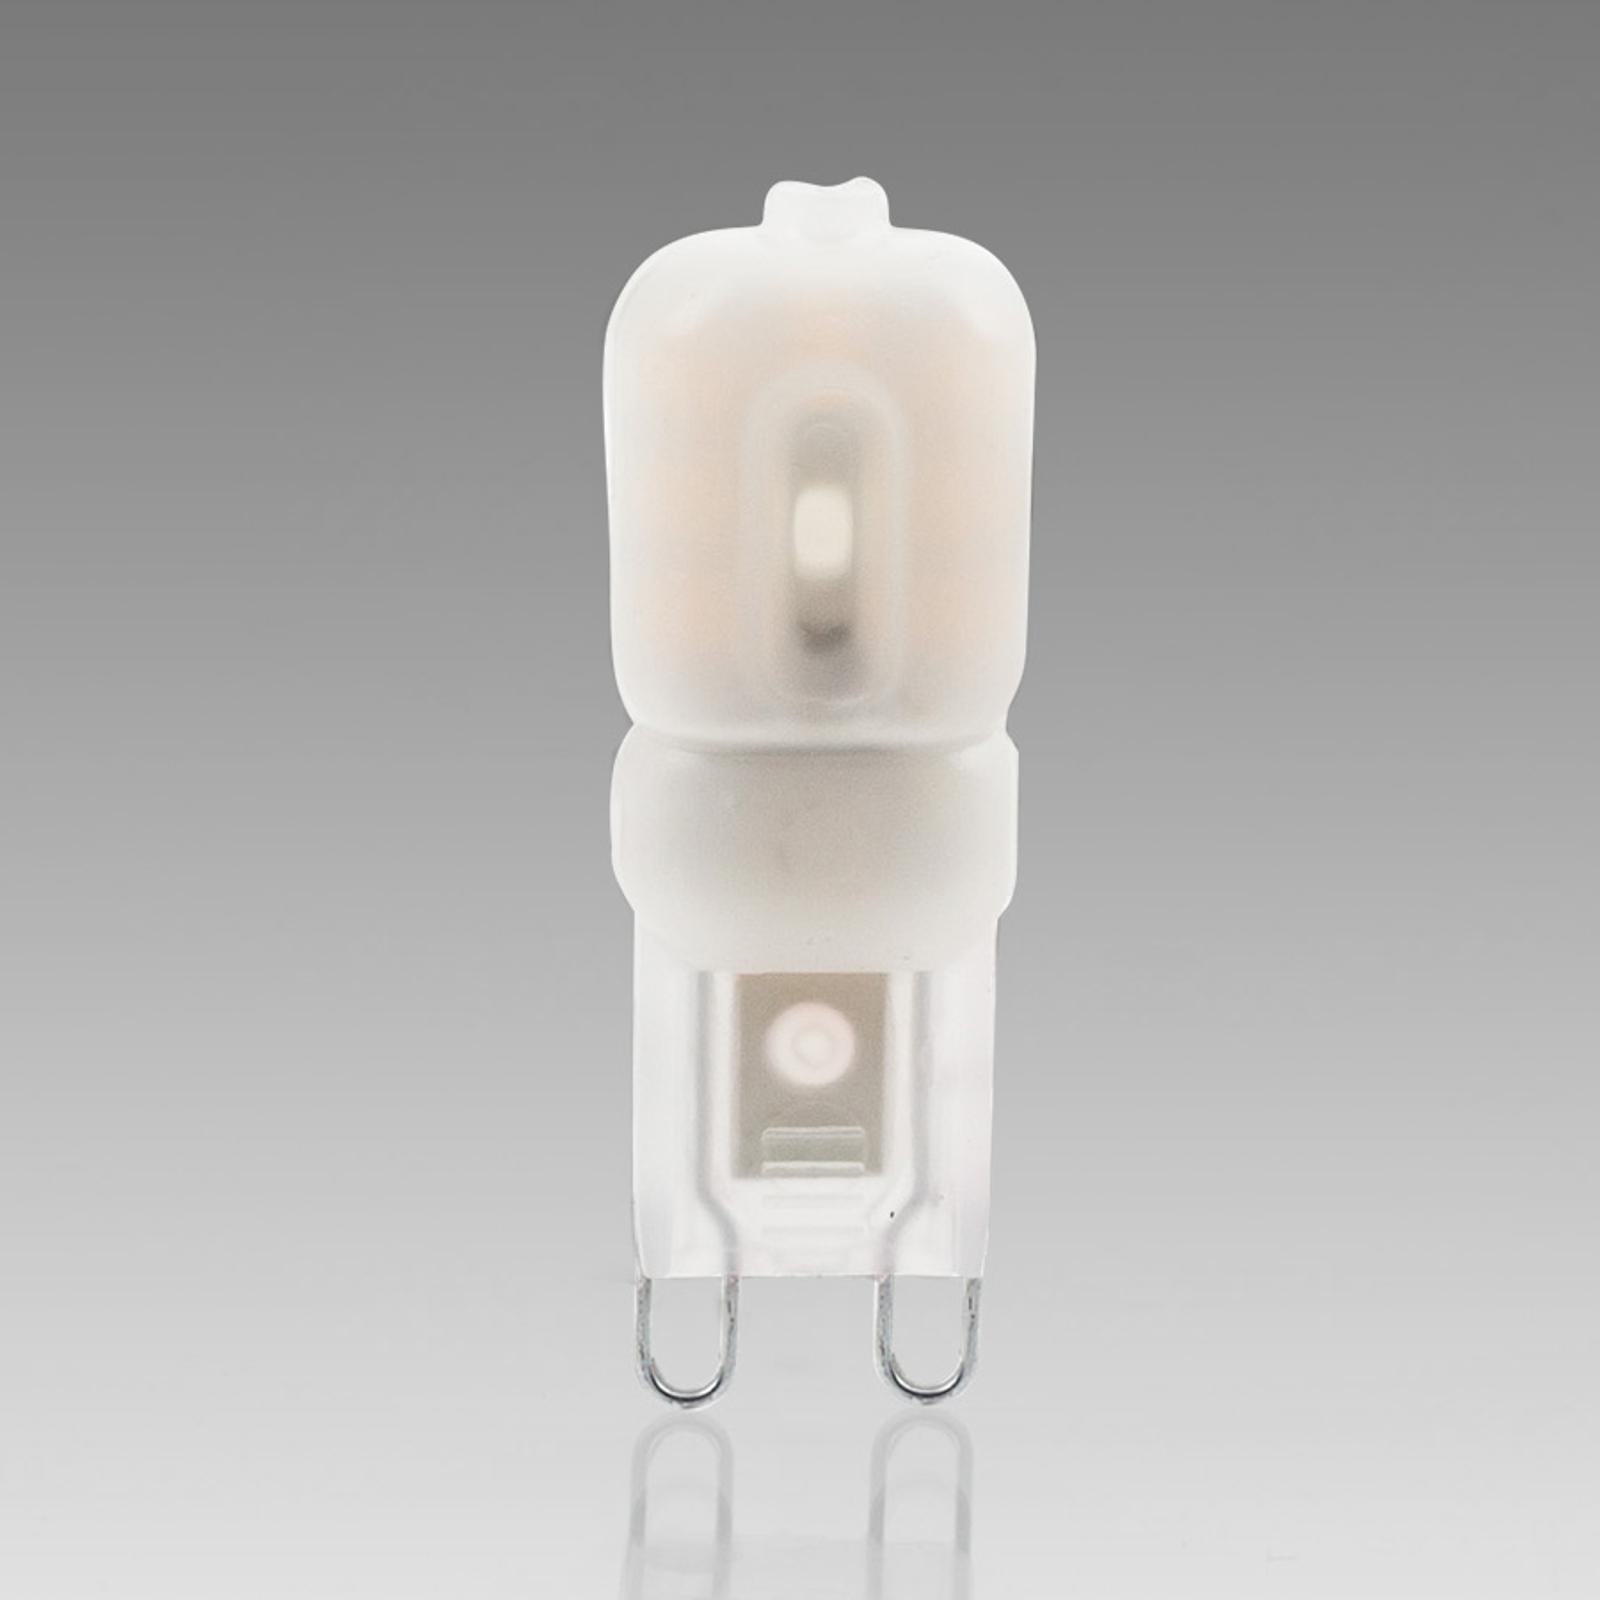 Lampadina a capsula a LED G9 2,5W 830 opalina